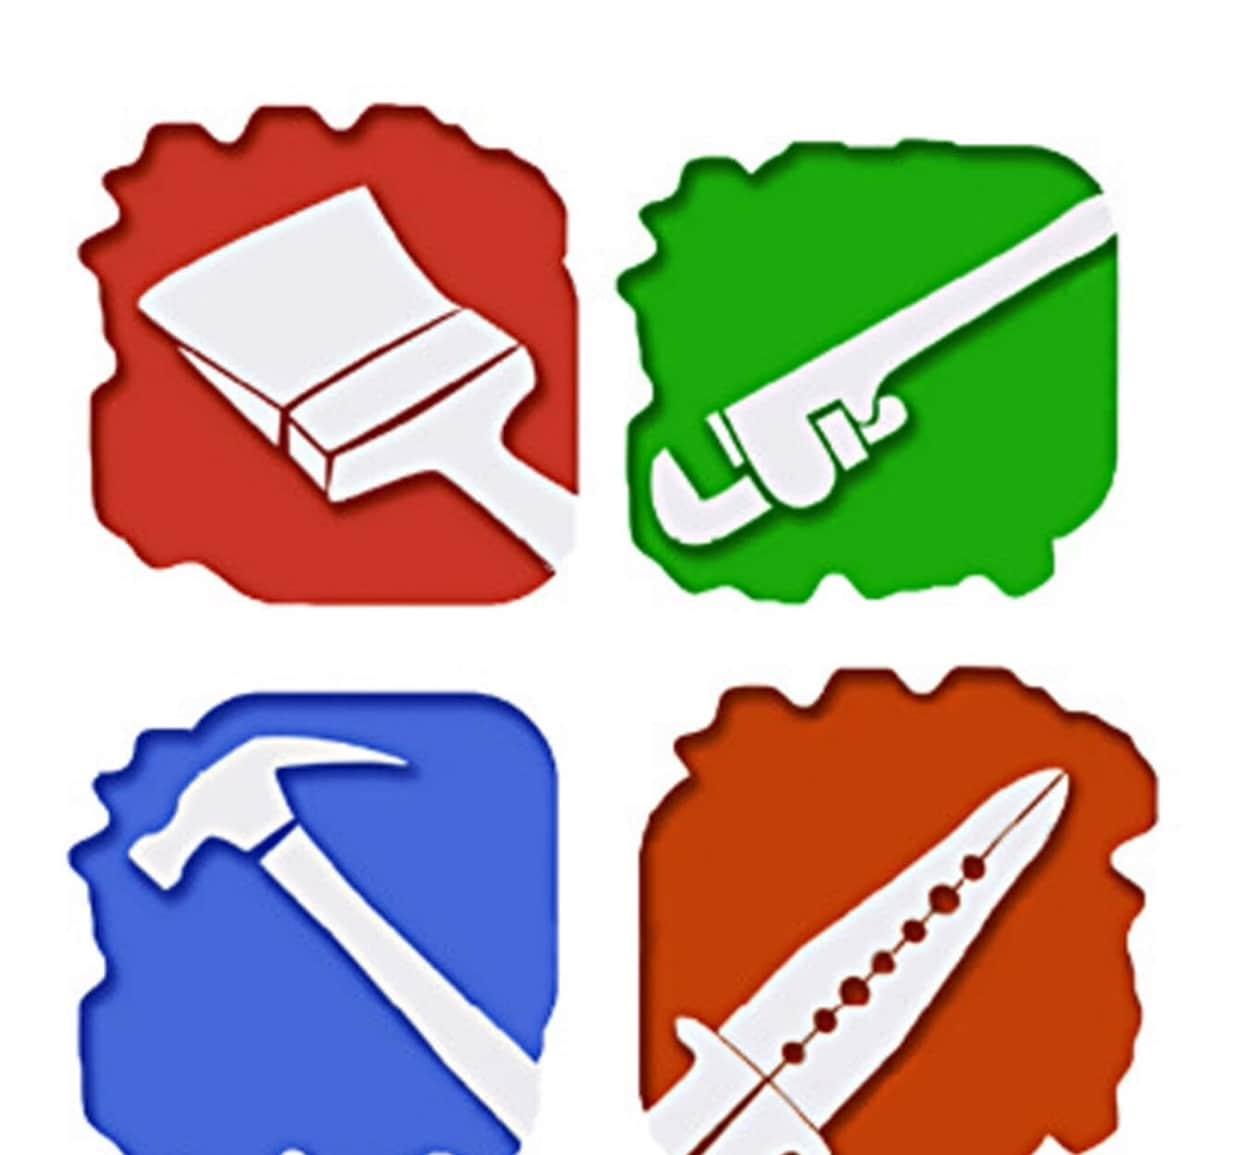 M&D Home Repairs & Remodeling LLC